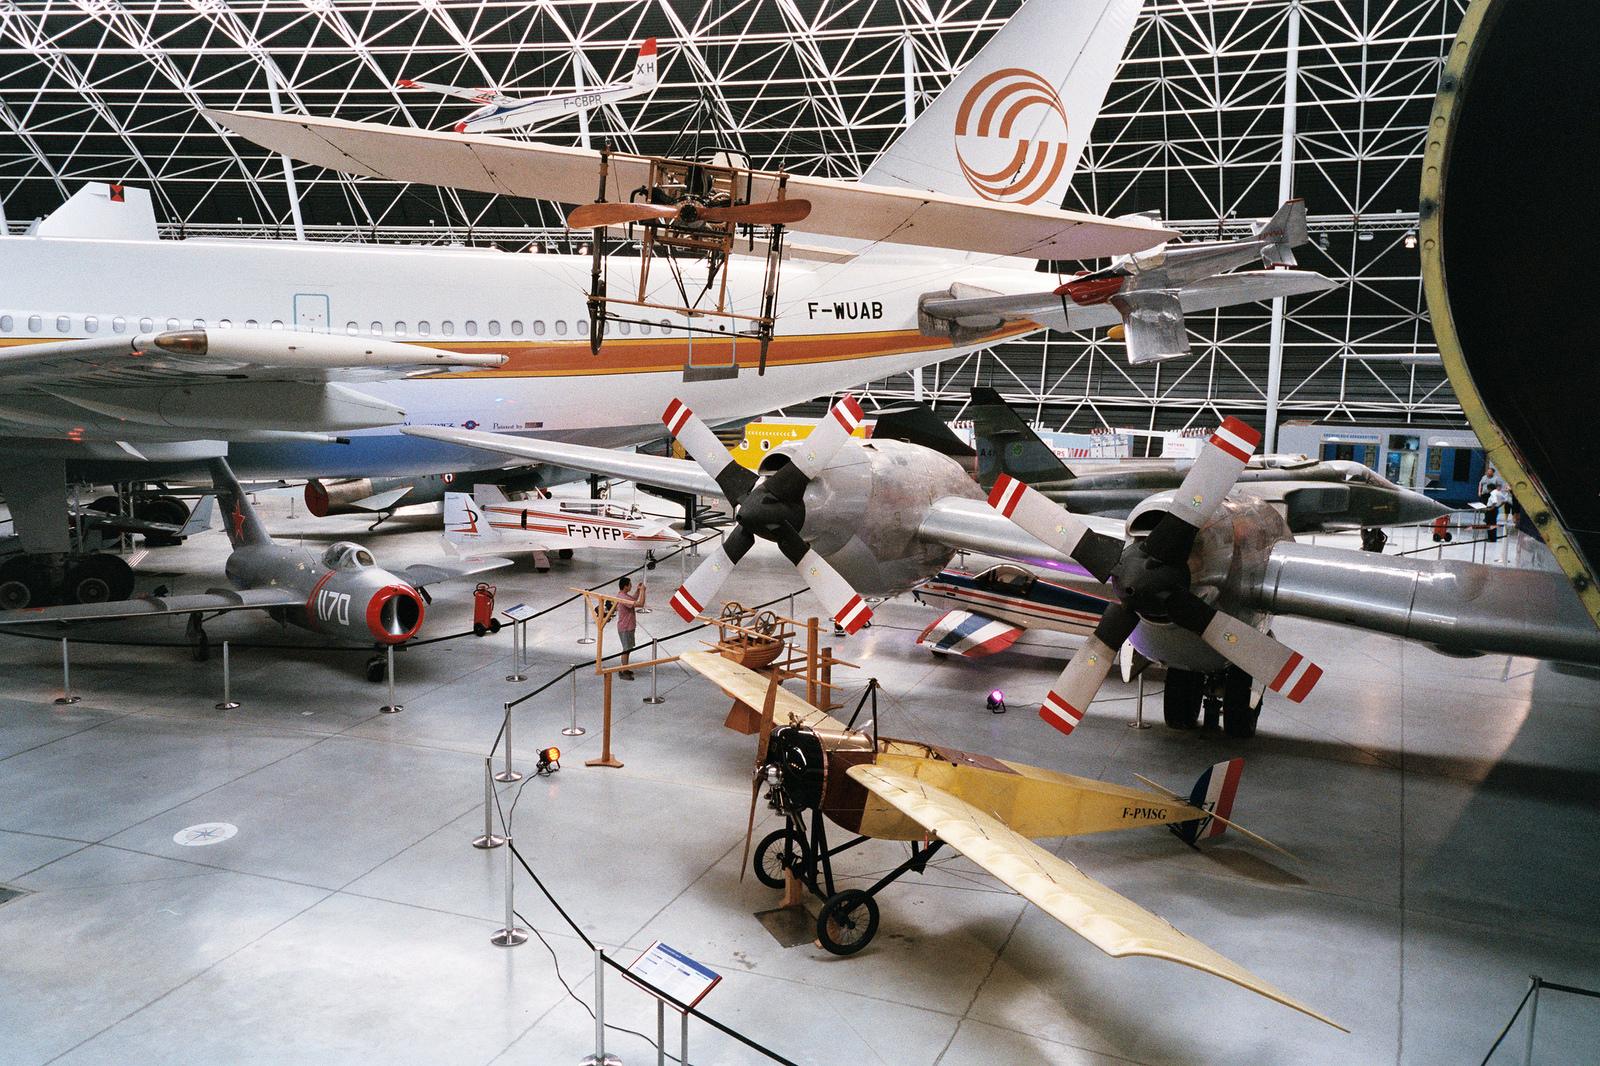 Aeroscopia, el museo aeronáutico de Toulouse